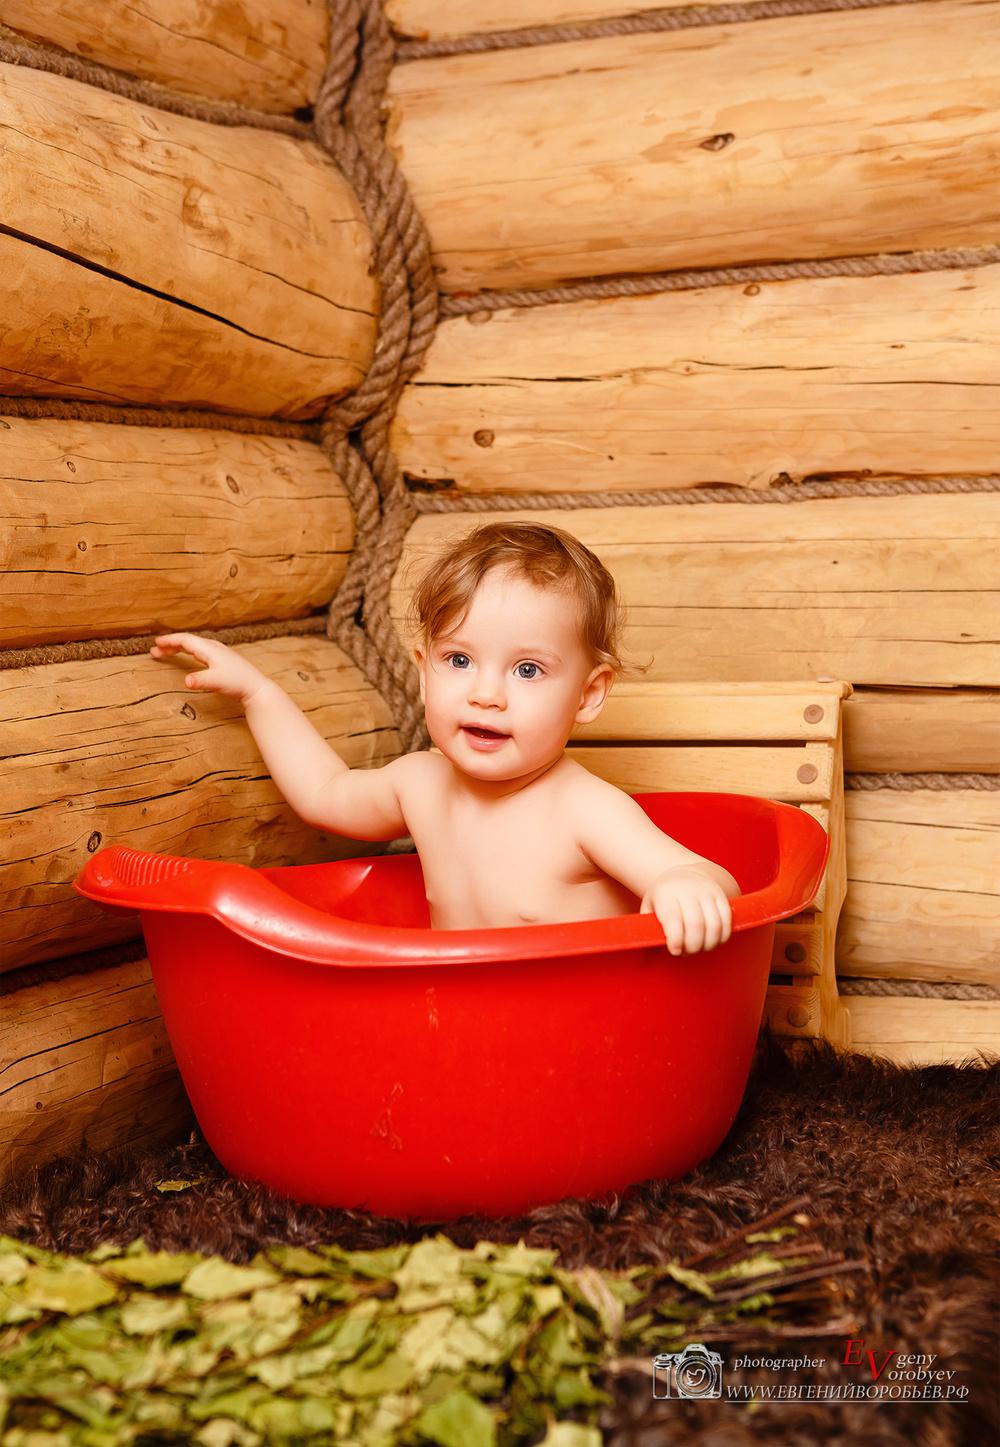 семейная детская фотосессия лучший фотограф Красноярск красиво не дорого выезд сауна ребенок